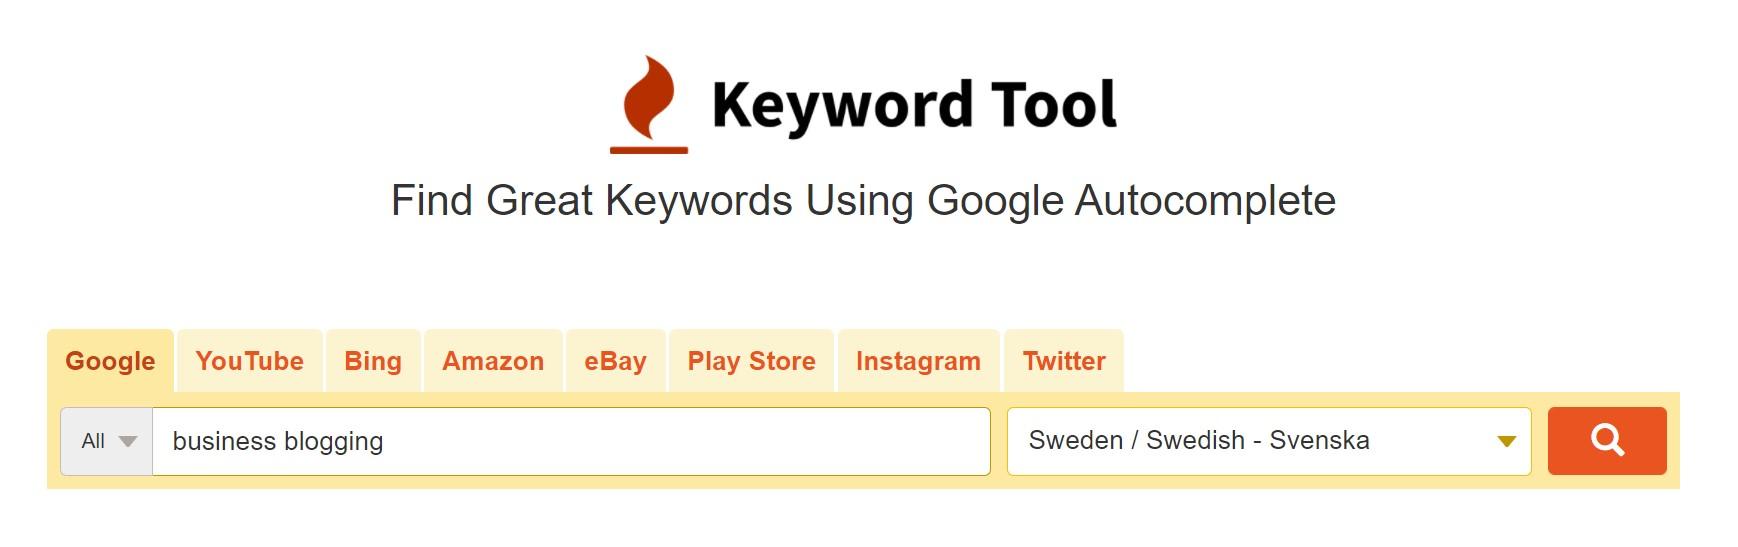 Zooma-keyword-tool-1